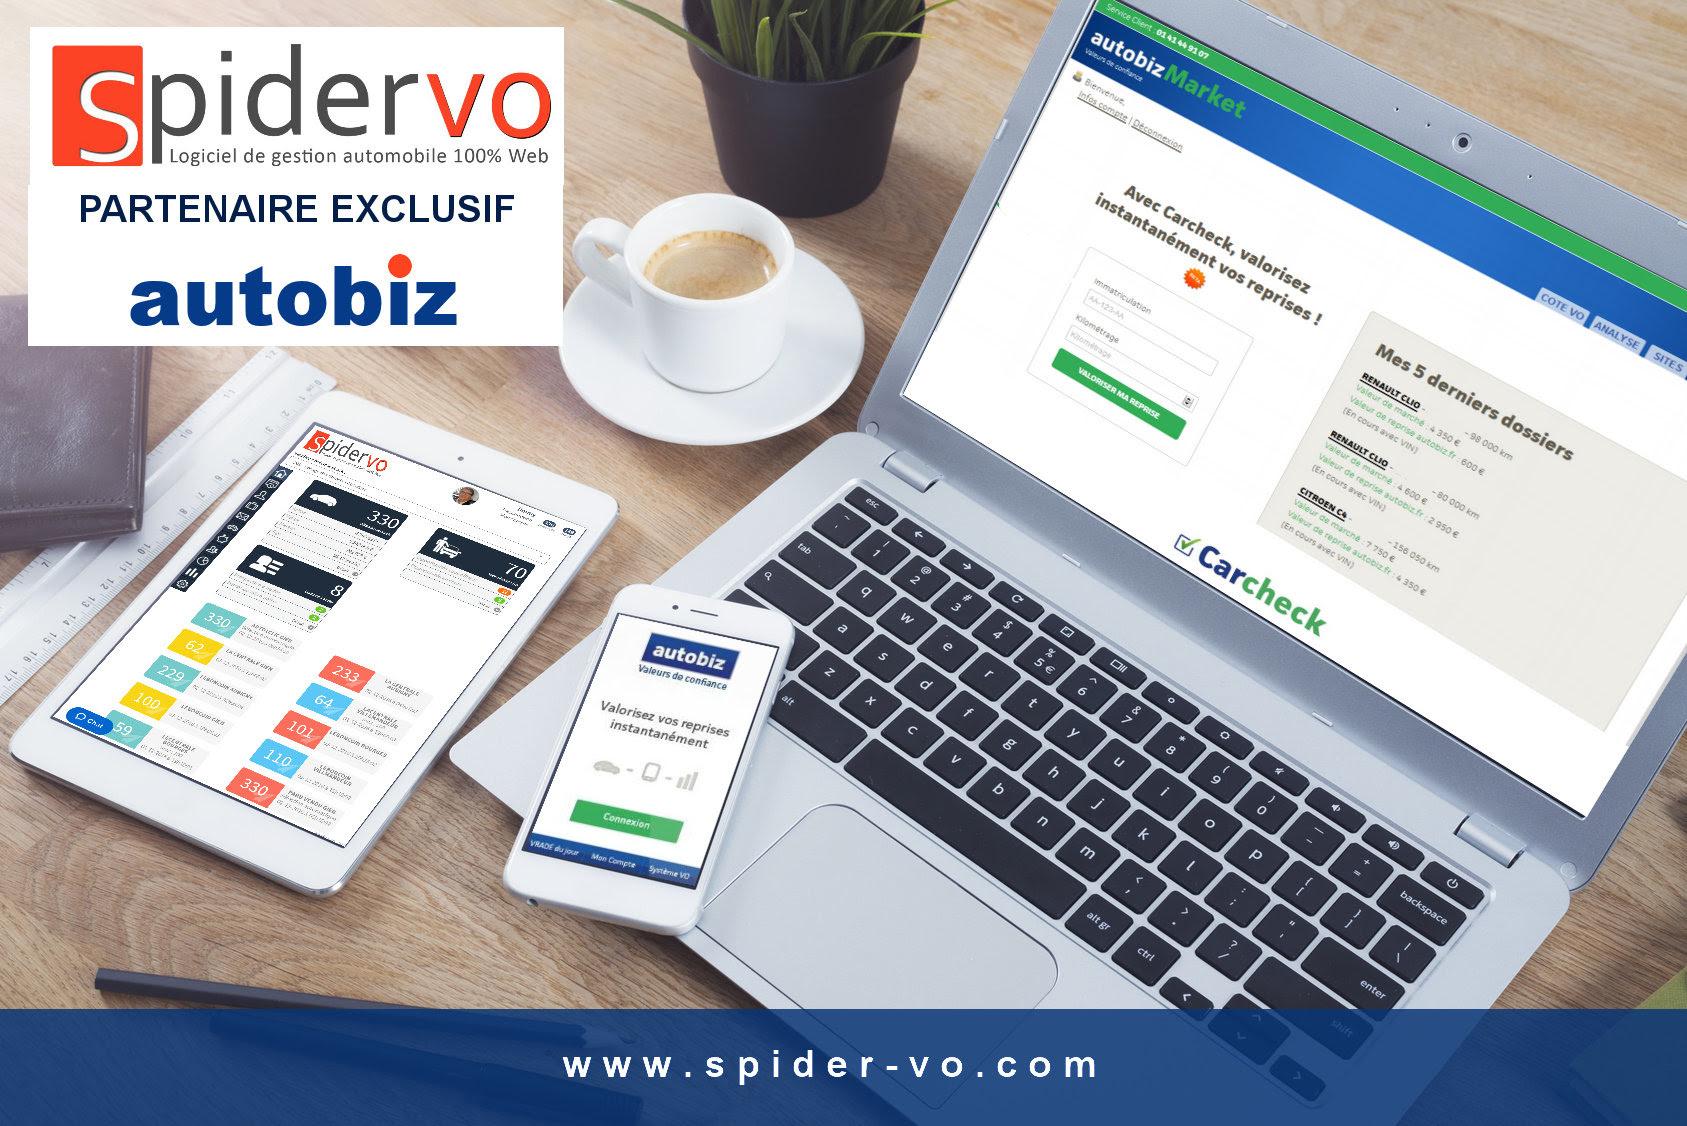 SPIDER VO & AUTOBIZ  unissent leurs forces pour répondre à tous les besoins IT des professionnels VO 1